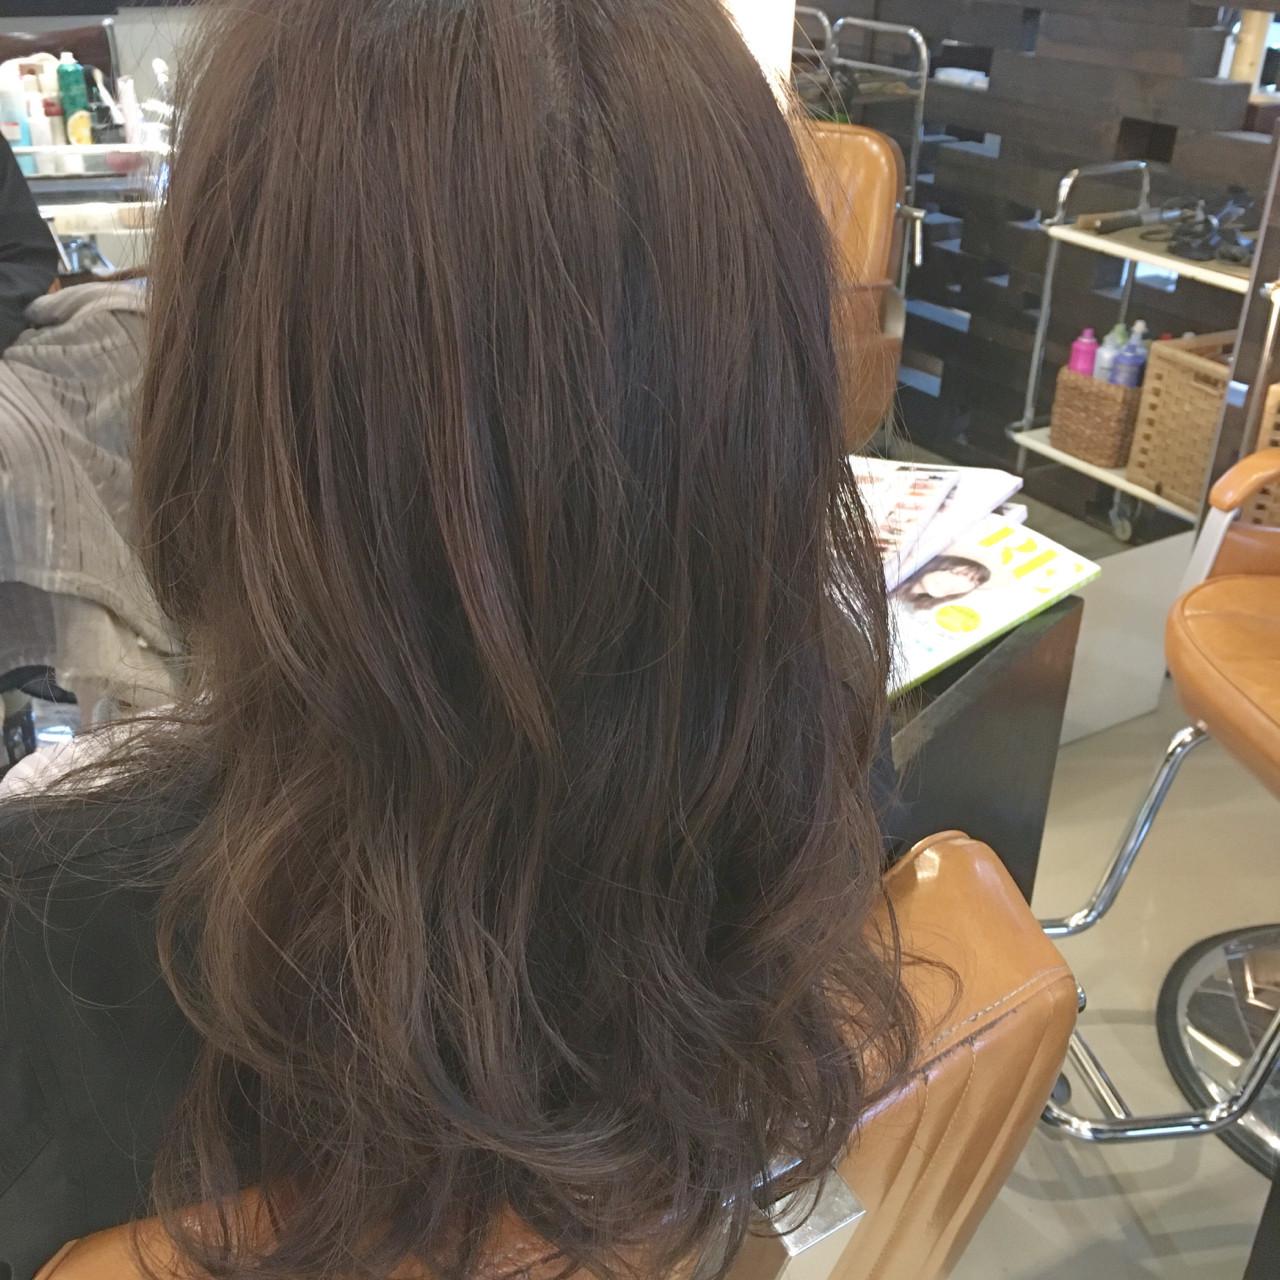 アッシュ パーマ ロング ストリート ヘアスタイルや髪型の写真・画像